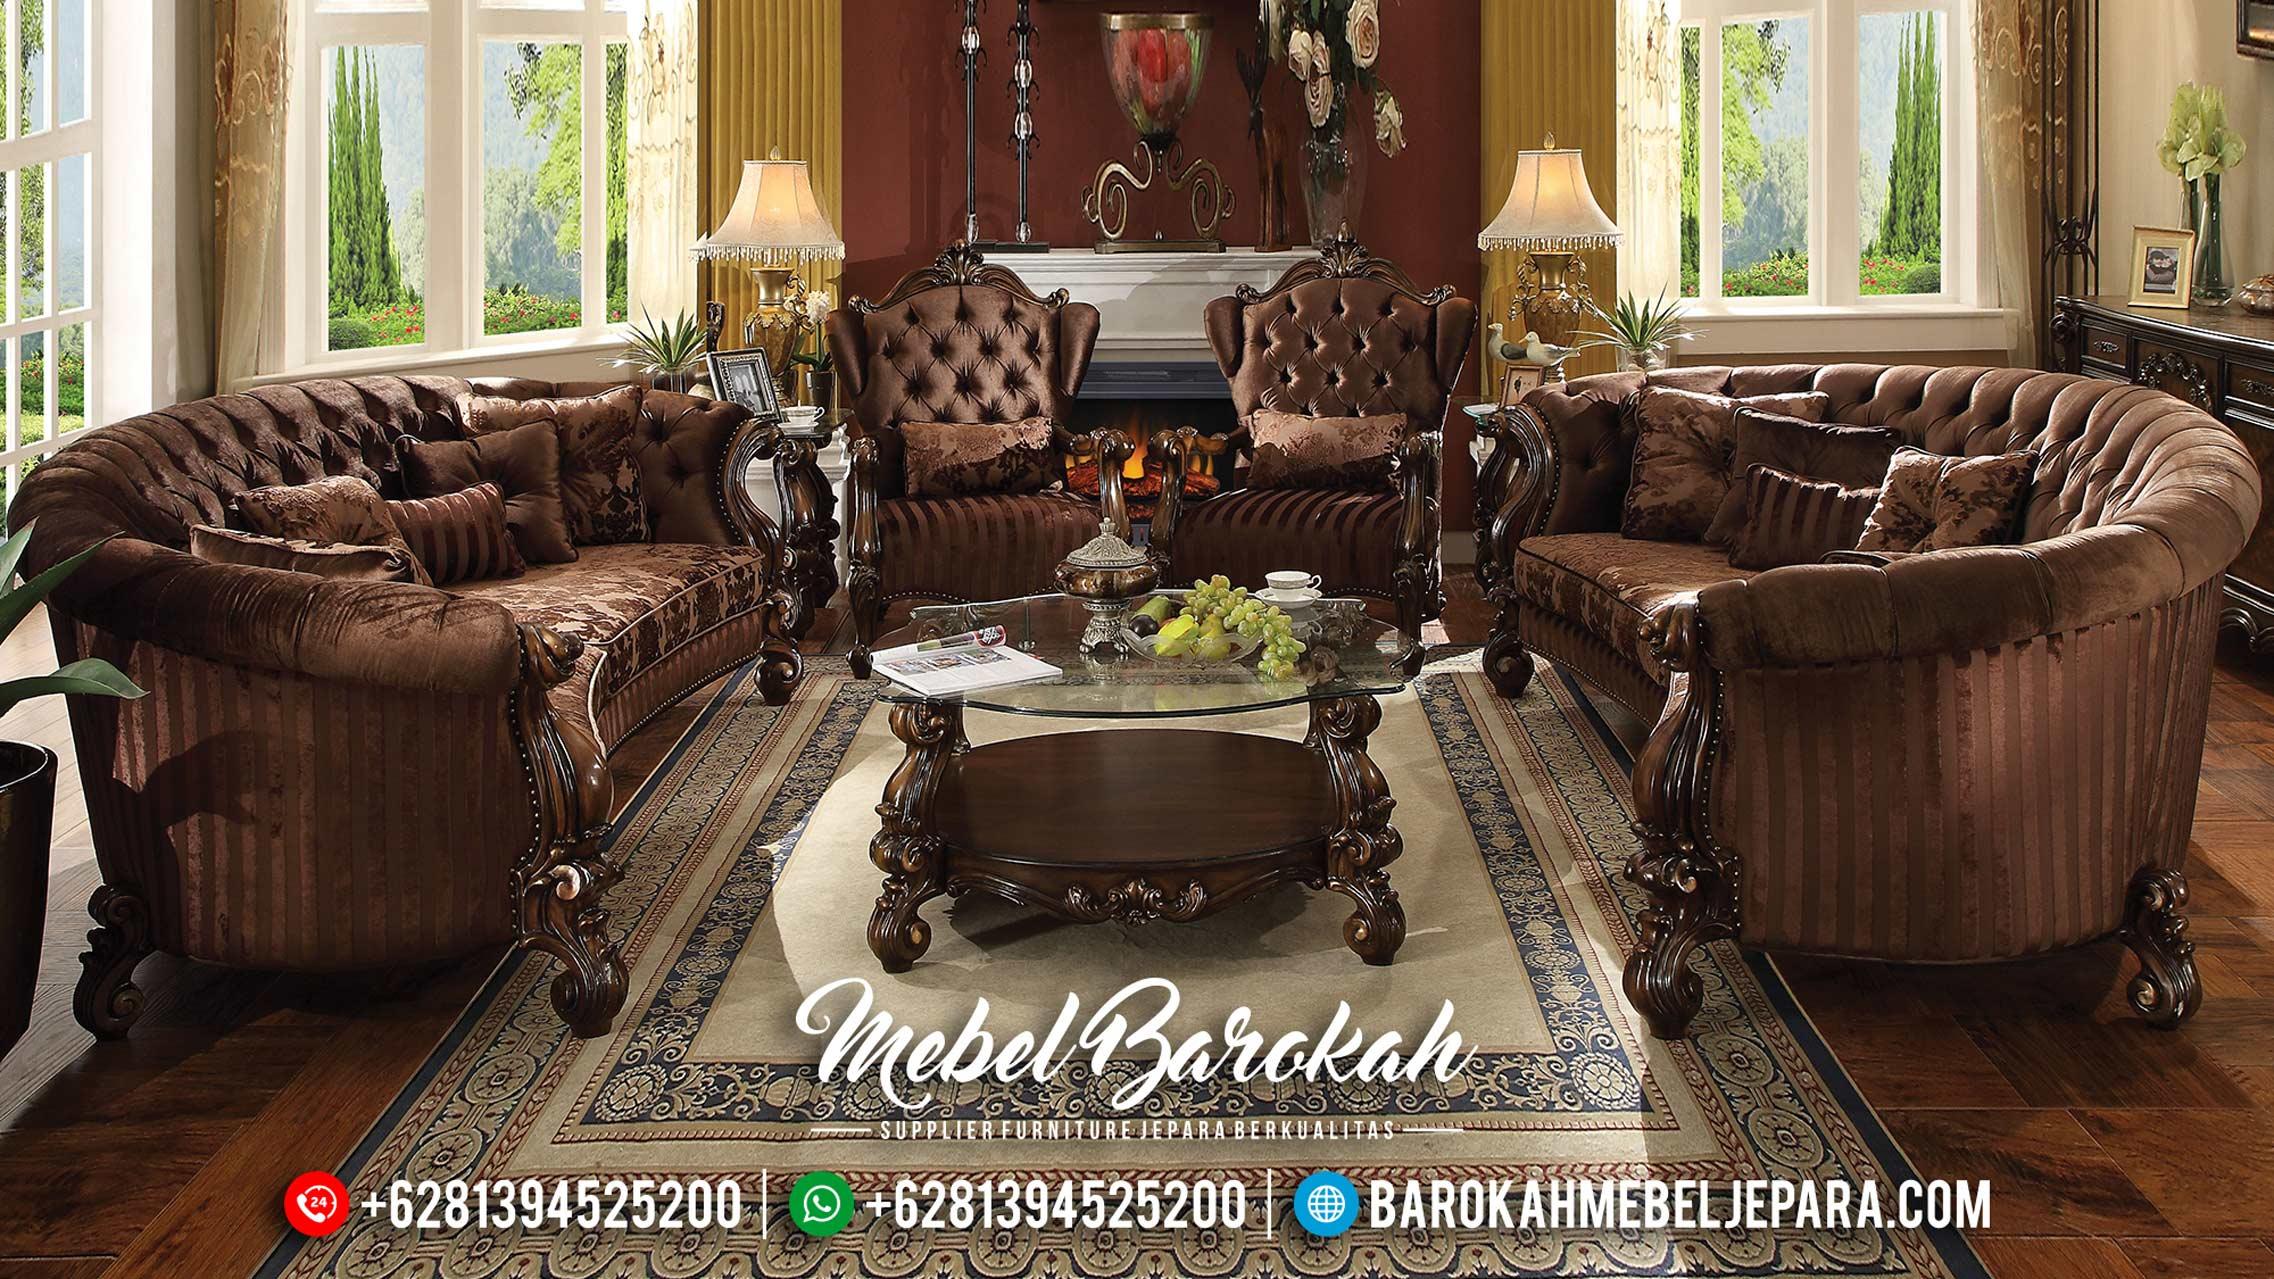 Big Discount Sofa Tamu Mewah Luxury Carving Furniture Jepara Termurah MB-0479